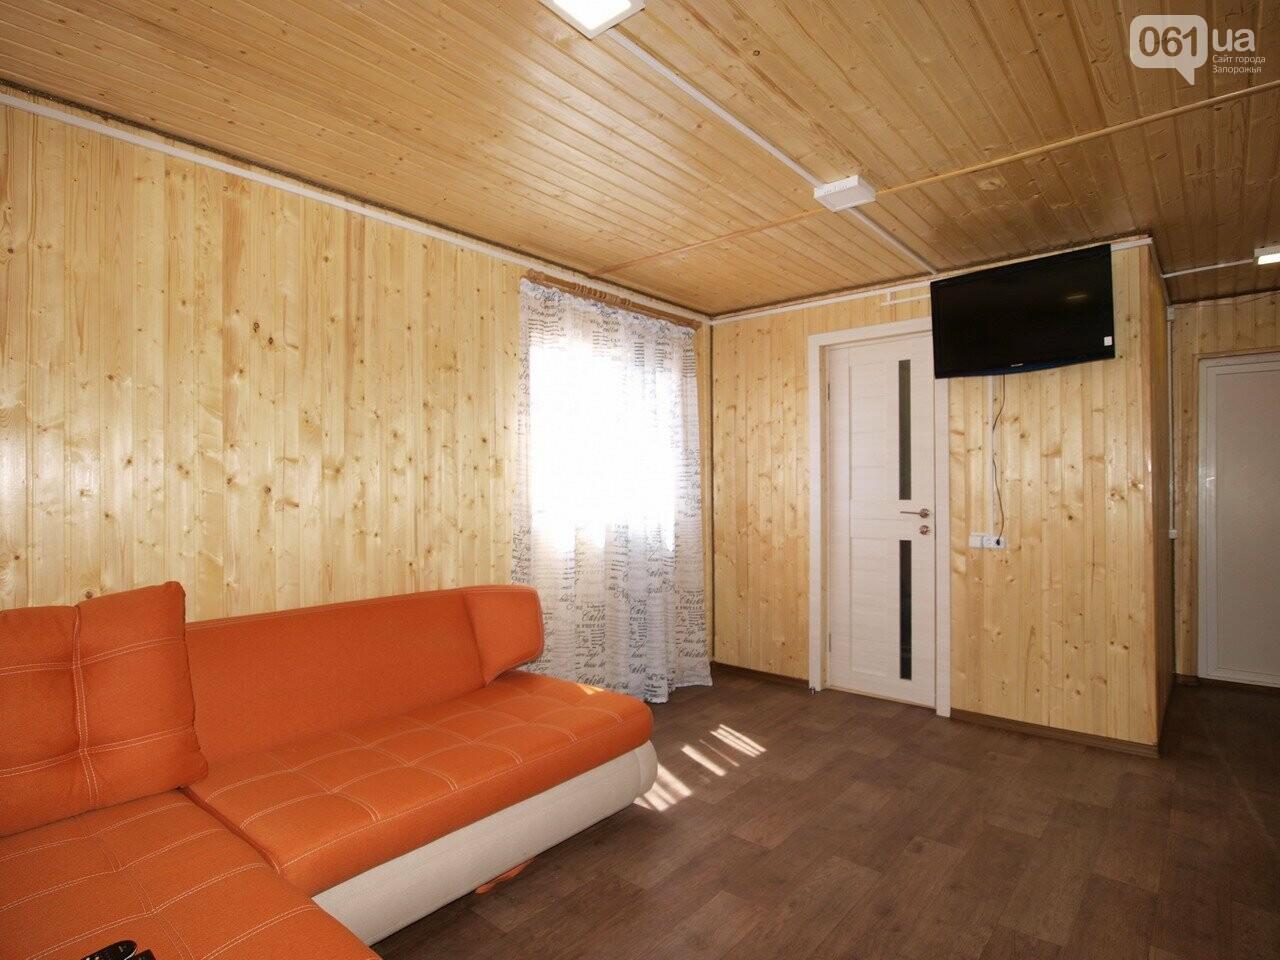 Где отдохнуть на море этим летом: обзор жилья и цен на украинских курортах , фото-43